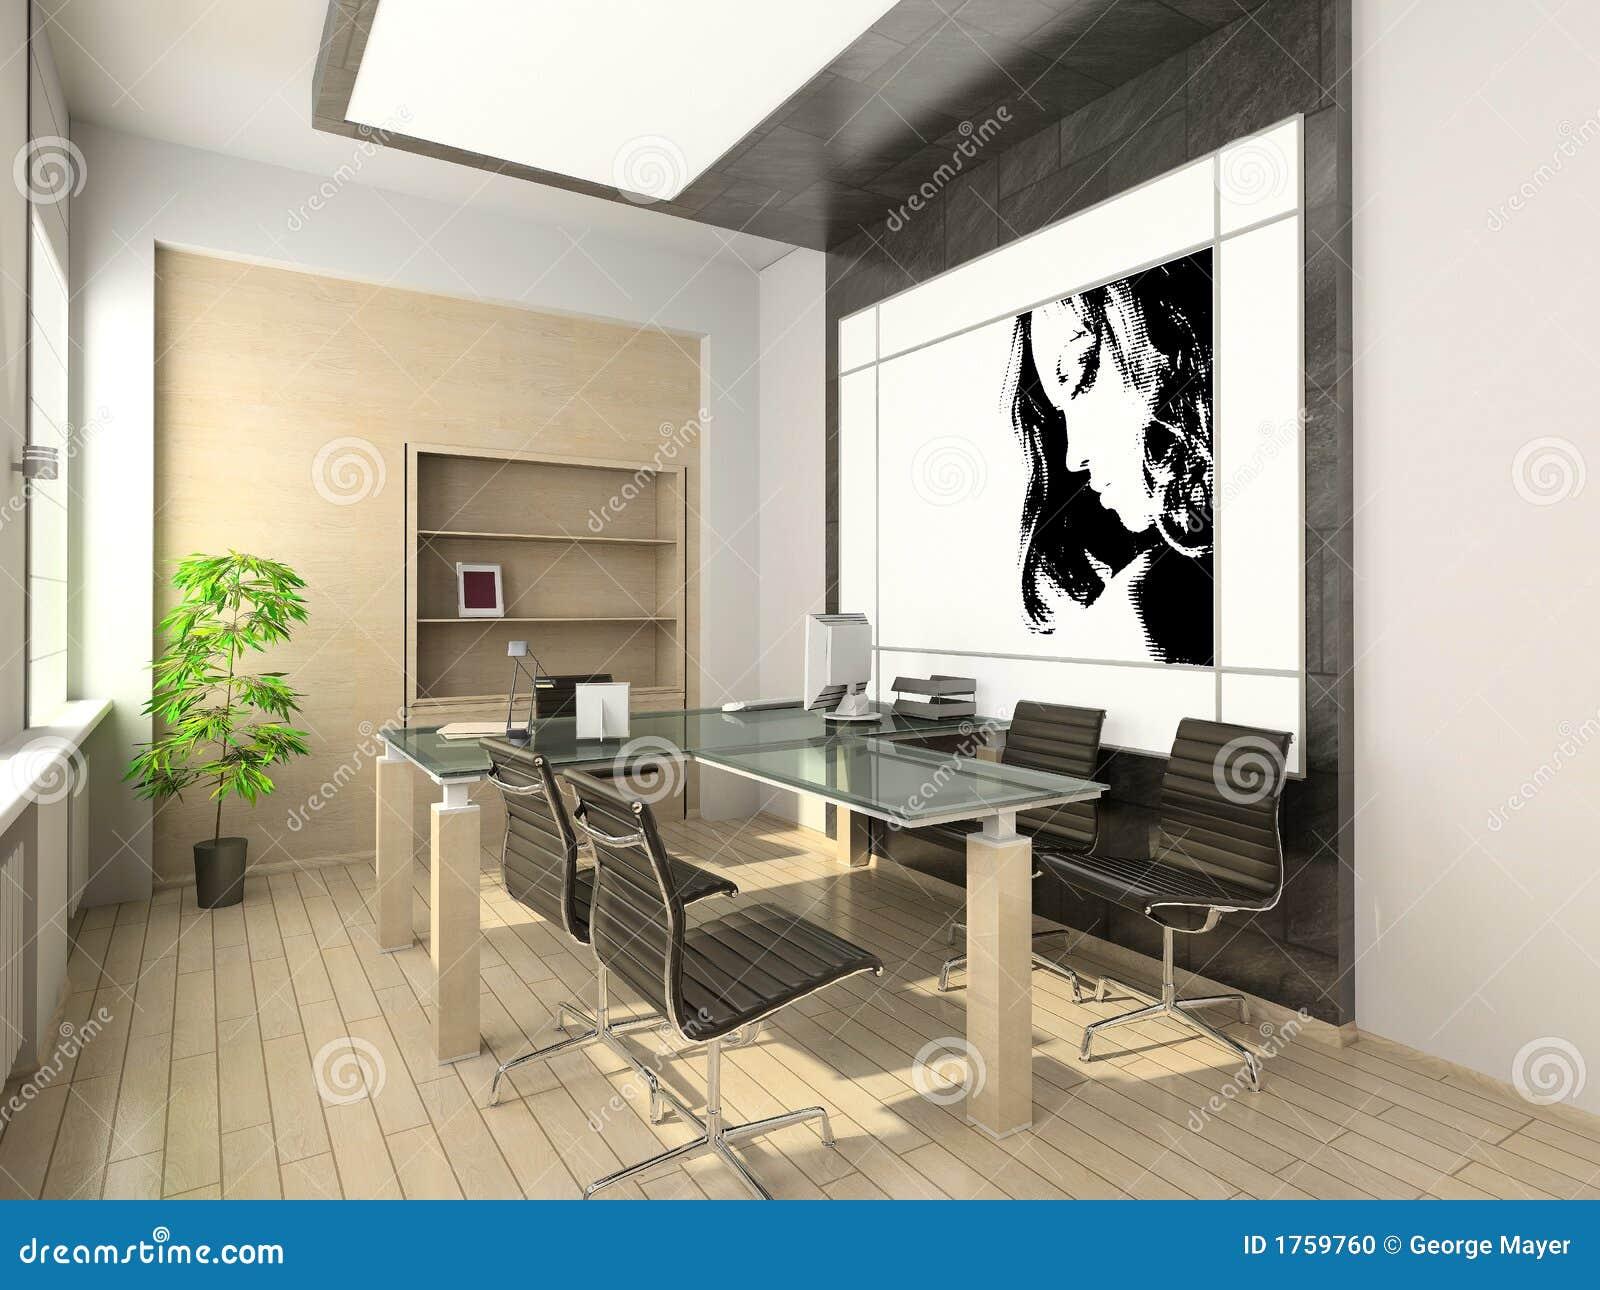 Dise o de oficina moderna interior de alta tecnolog a for Diseno de oficinas modernas en casa